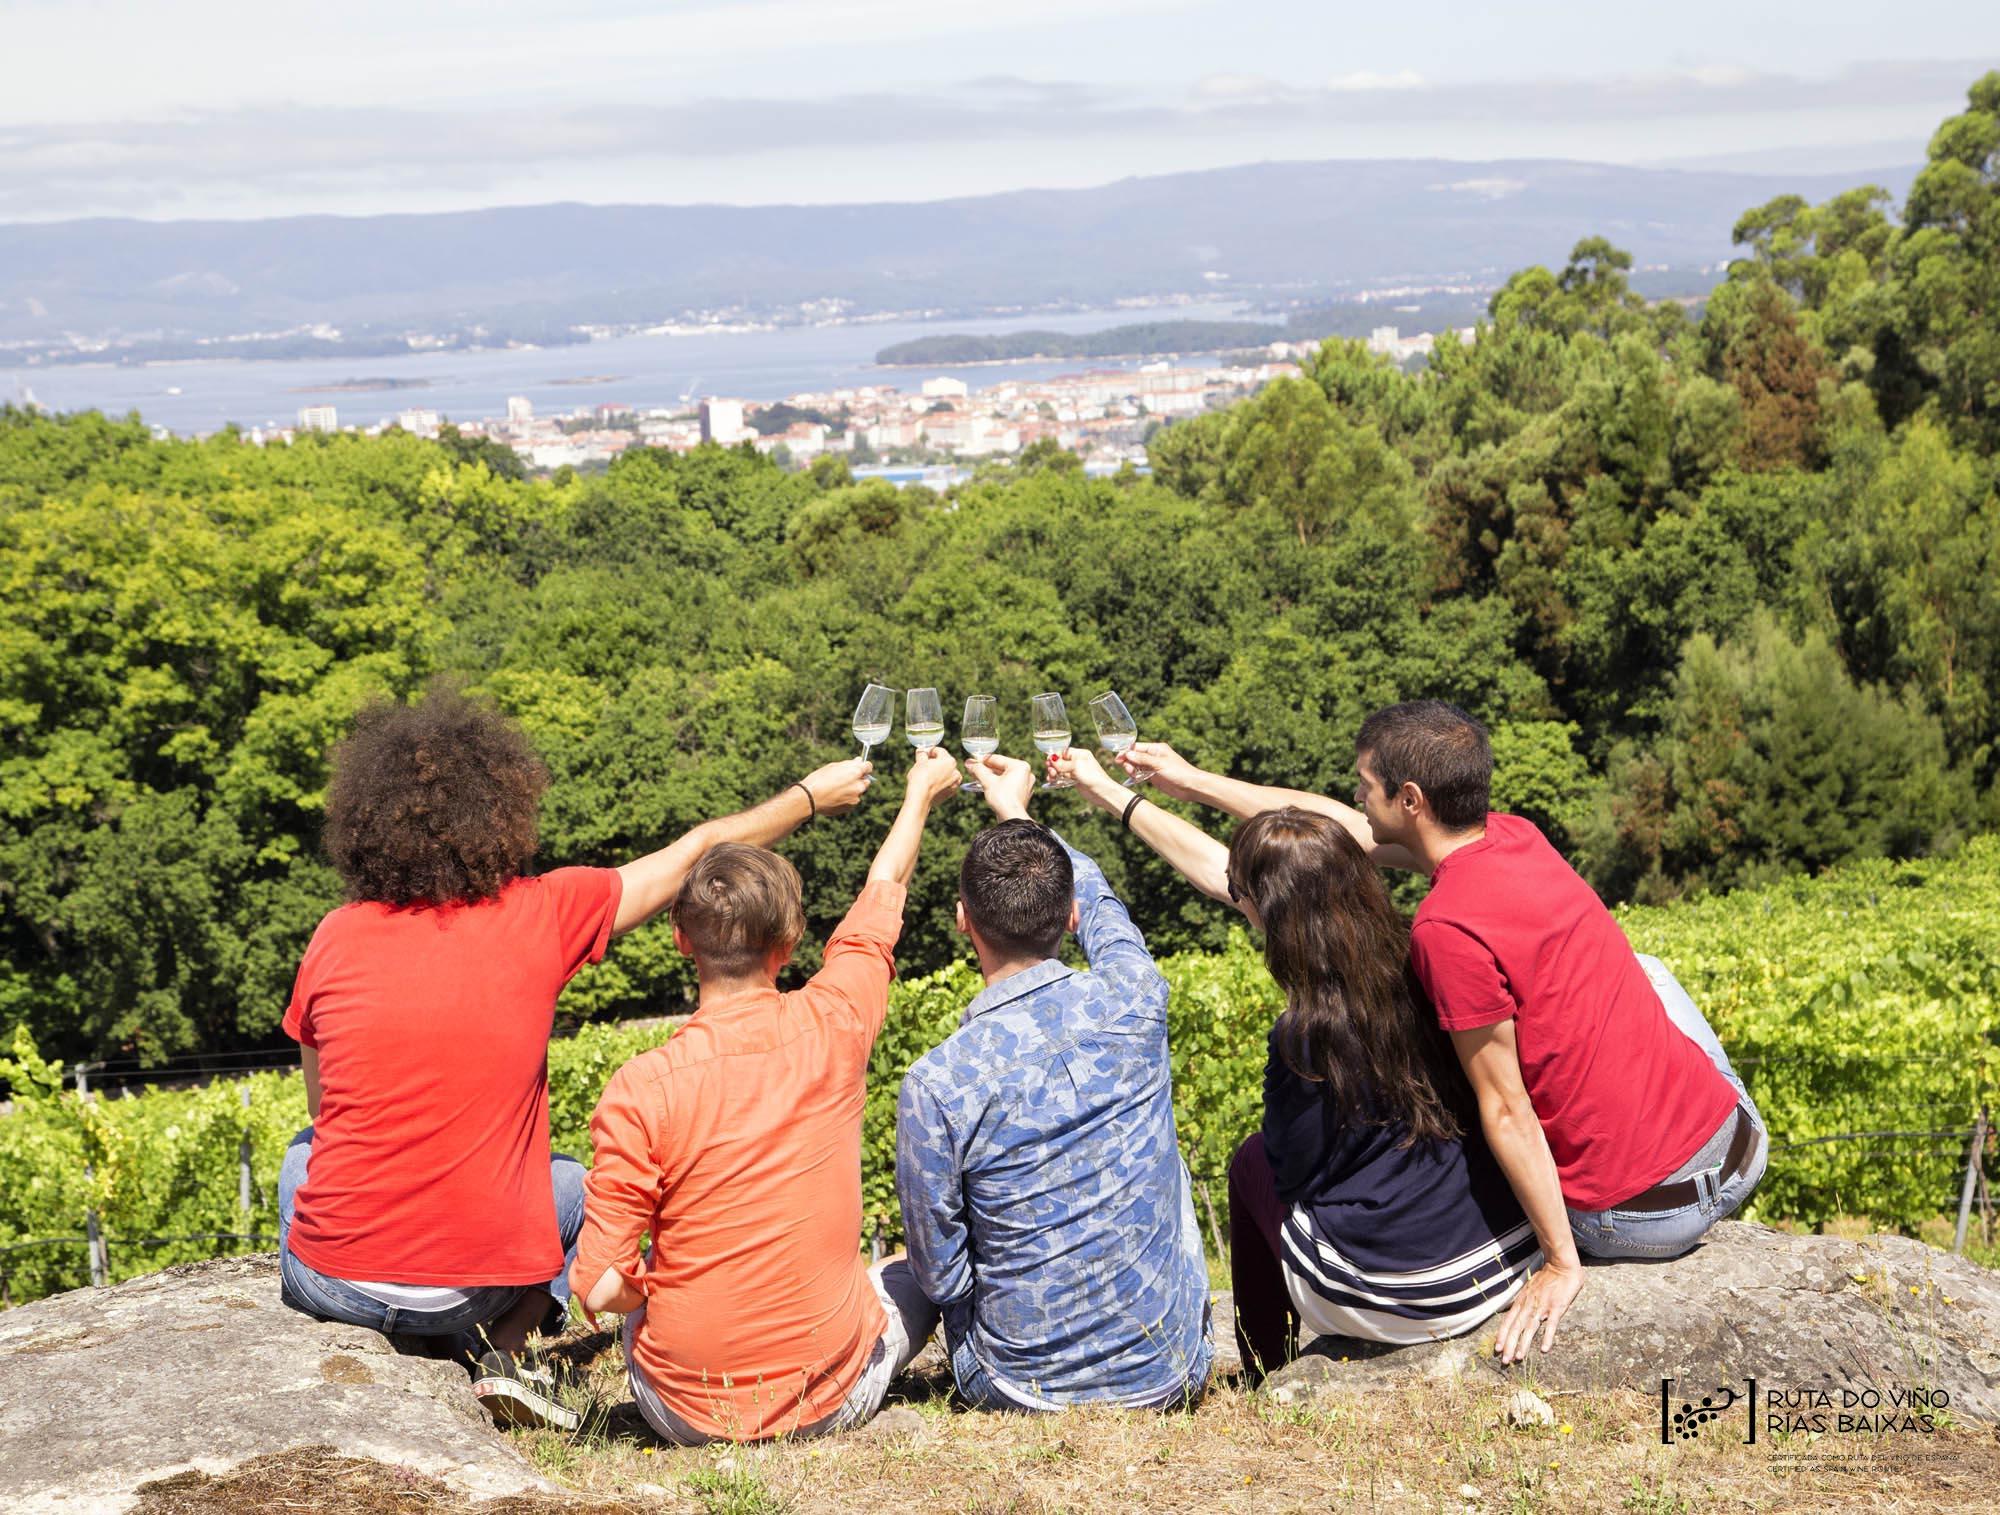 La Ruta do Viño Rías Baixas bate un nuevo récord con más de 115.000 visitantes durante 2017, un 13,3% más que en el año anterior